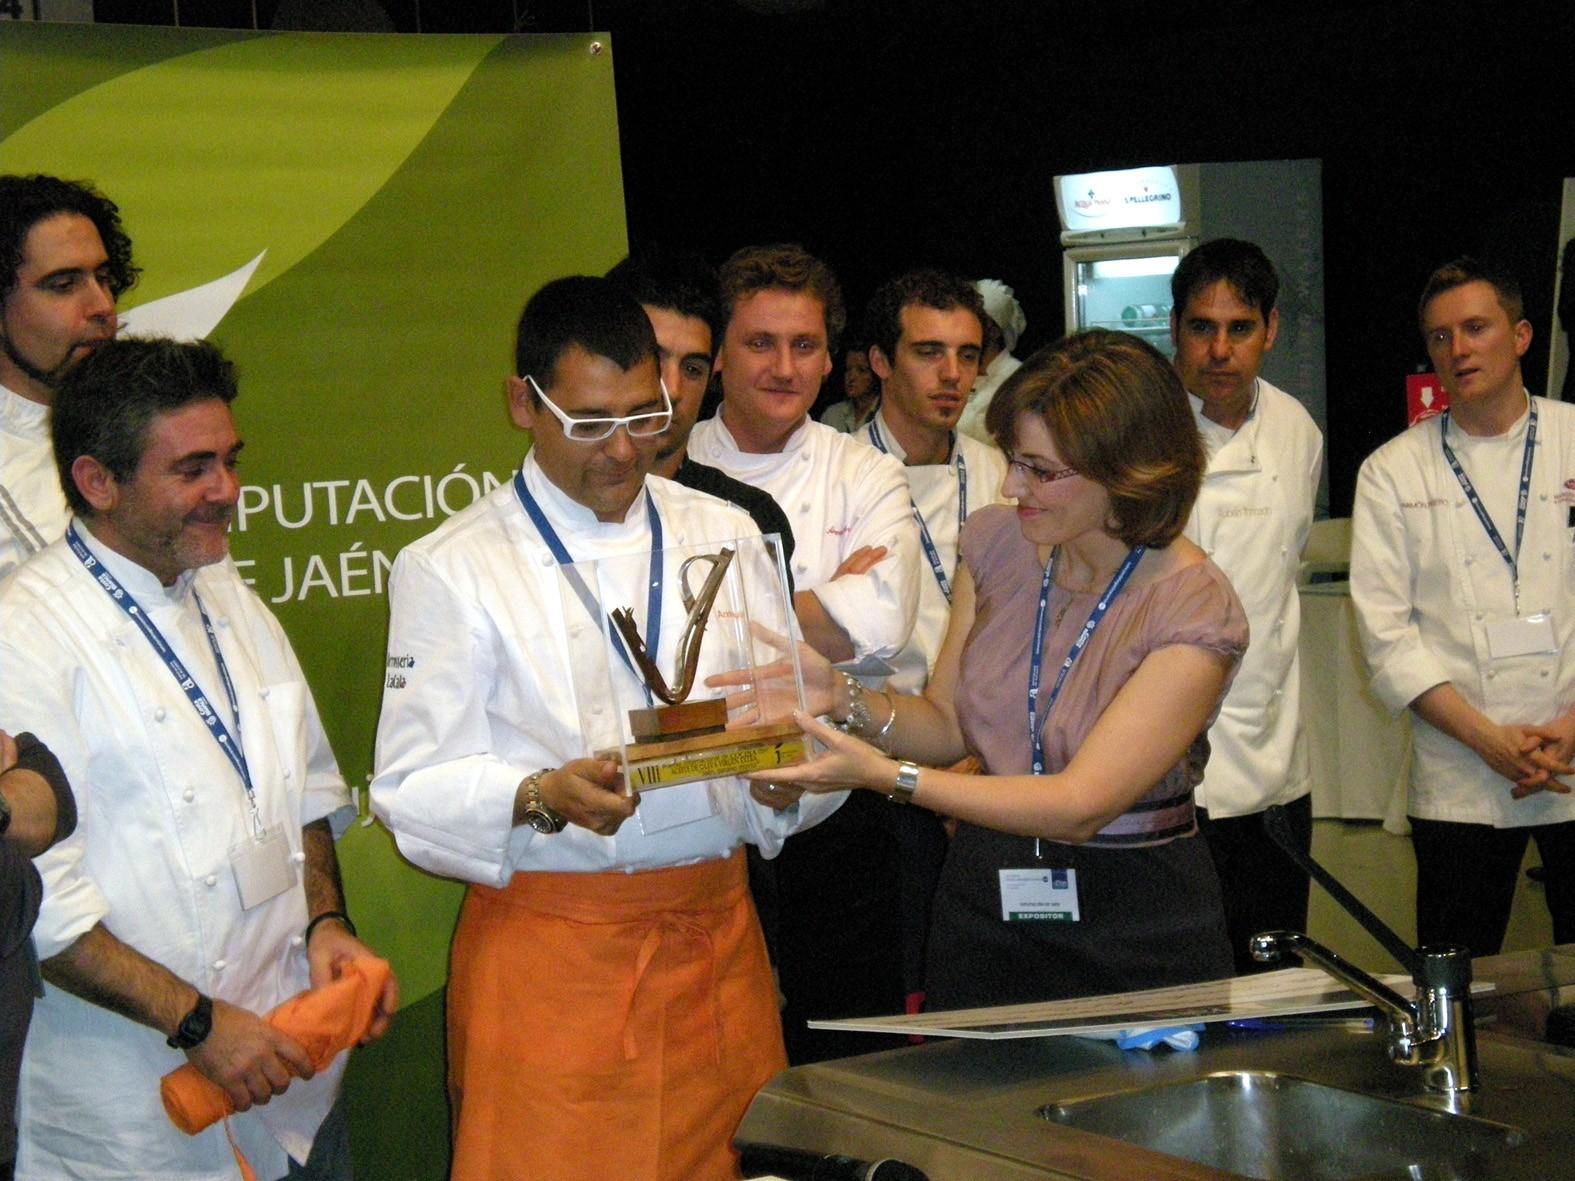 """Andreu Ruíz ganador del Premio de Cocina """"Jaén, paraíso interior"""""""